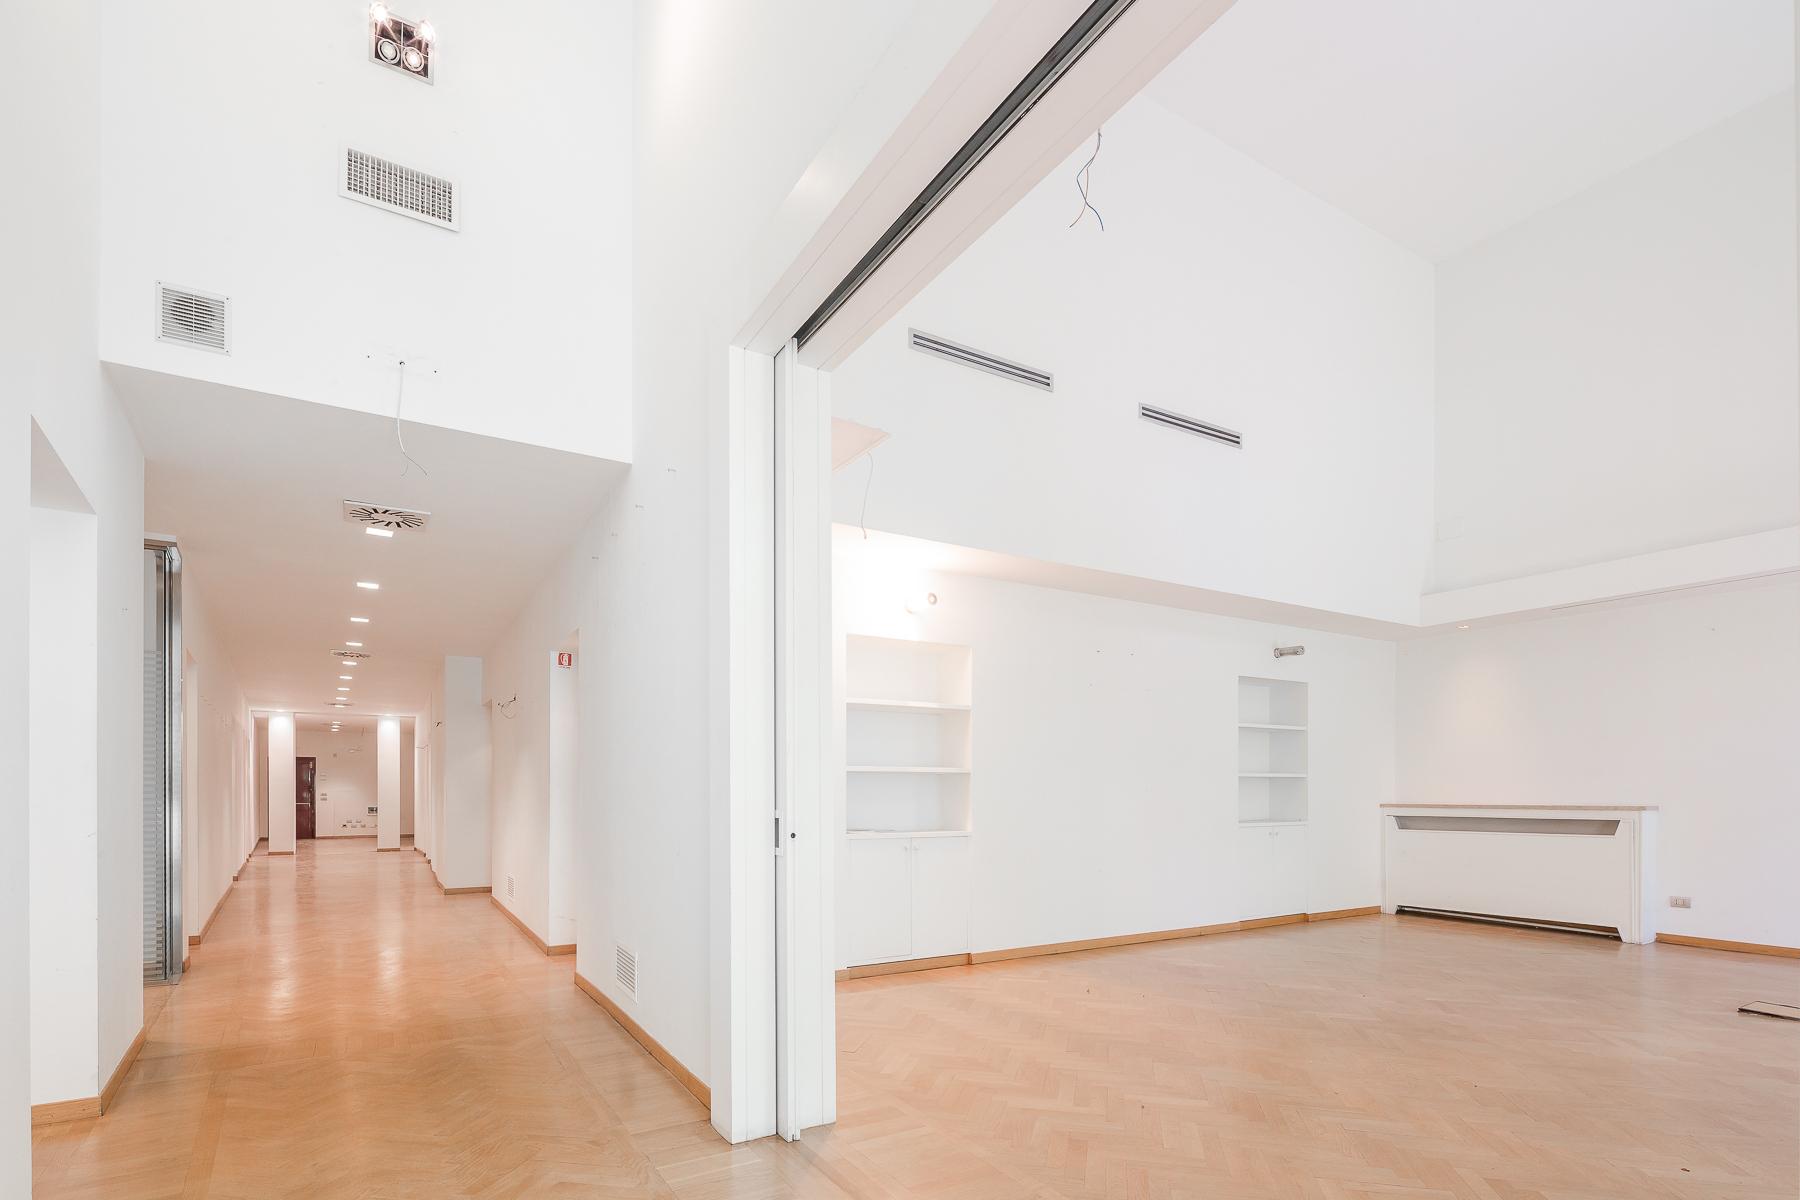 Ufficio-studio in Affitto a Milano via bigli